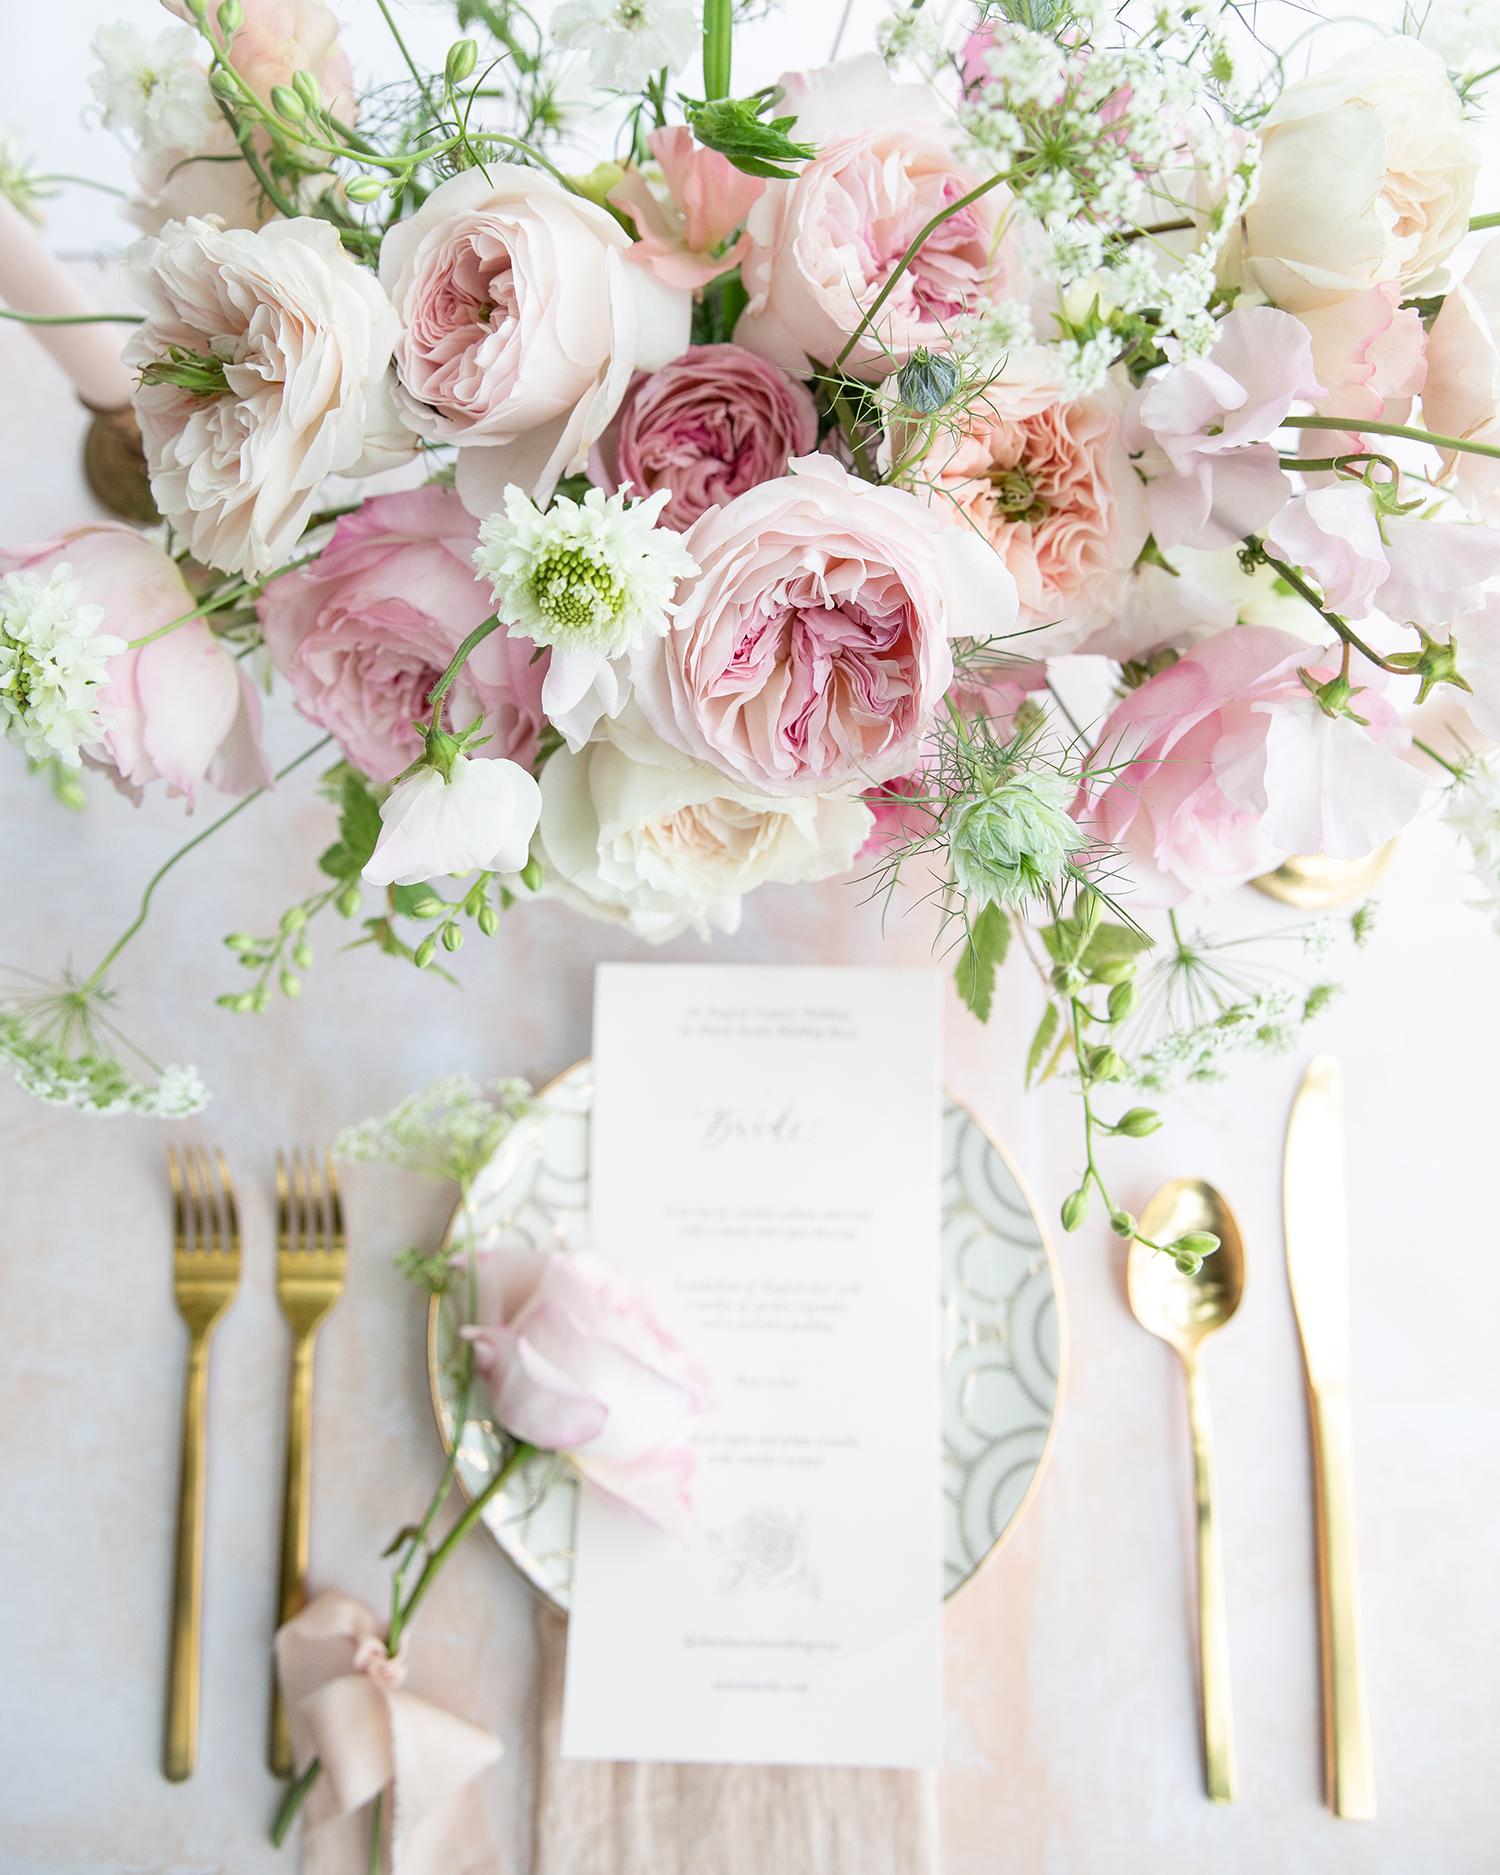 赤面の結婚式のテーブルのデザイン